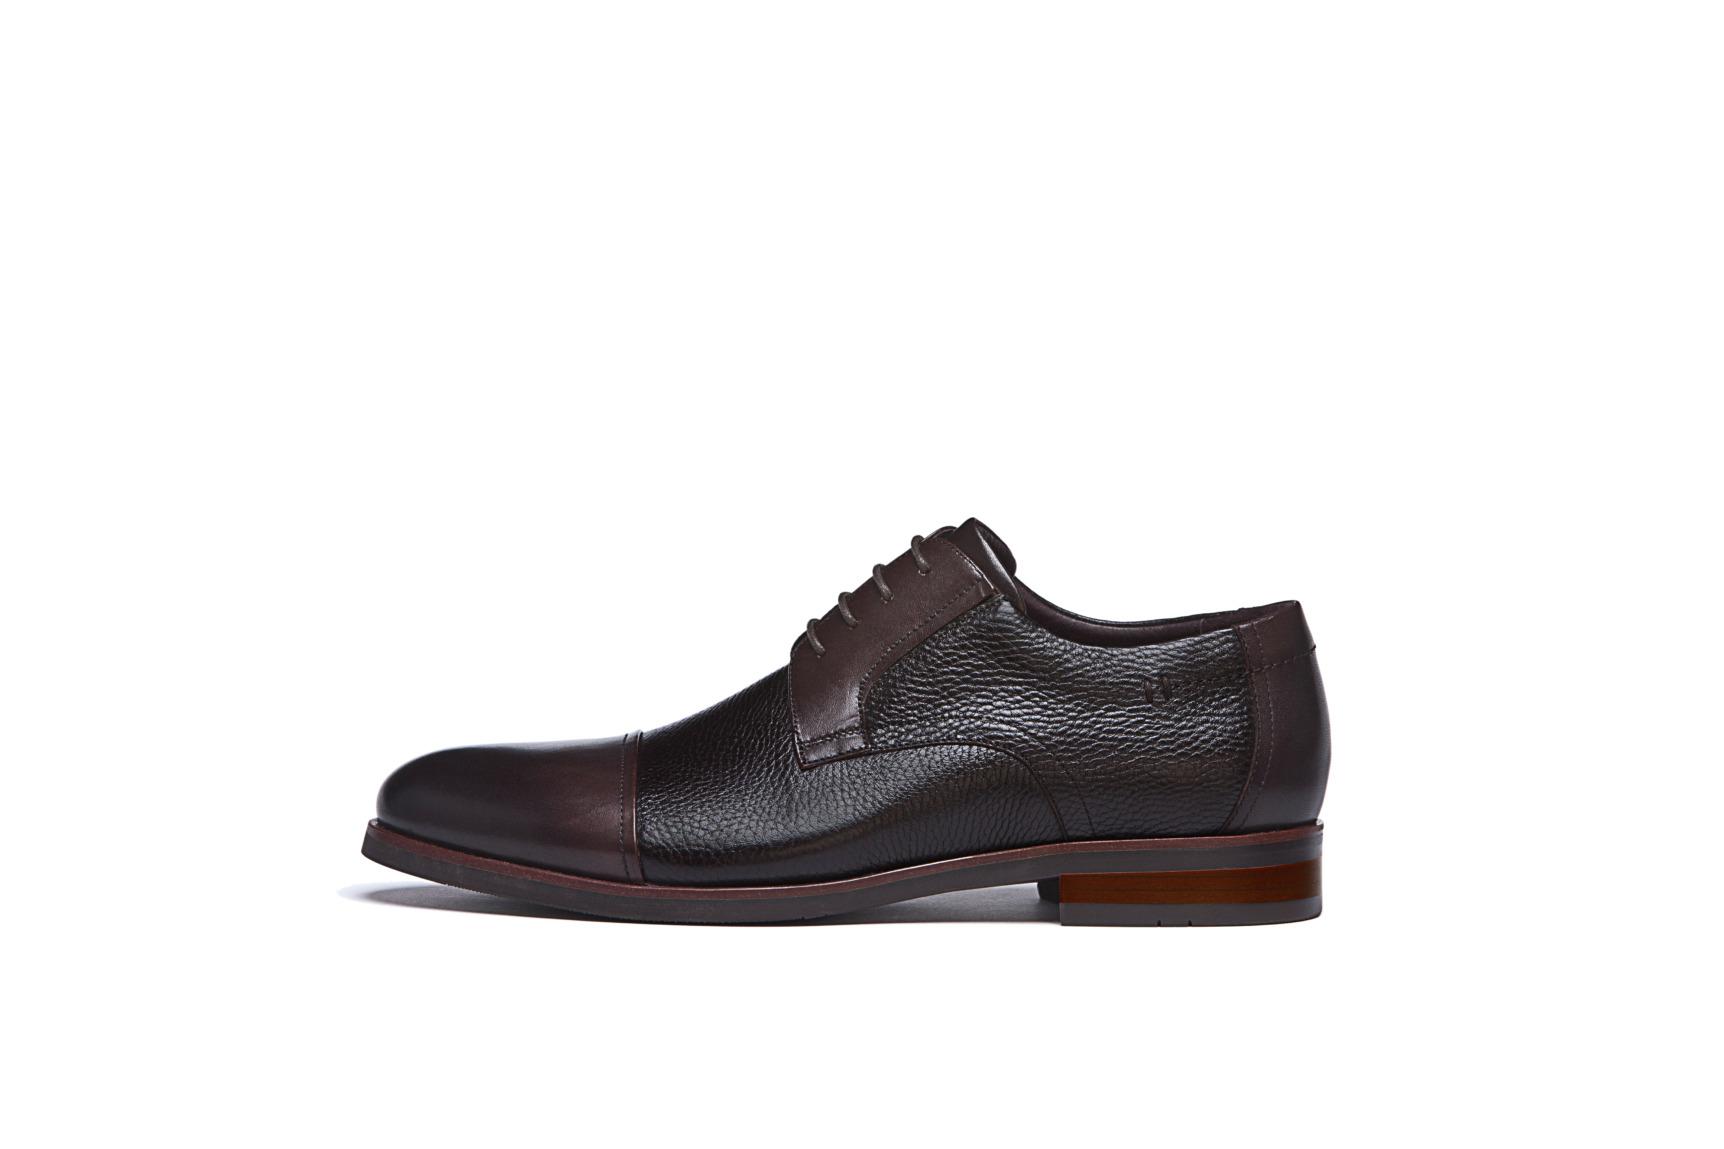 Modische Schuhe für den Bräutigam von Digel Modell SINGLE in der Kombination schwarz und braun in Nubuklederoptik